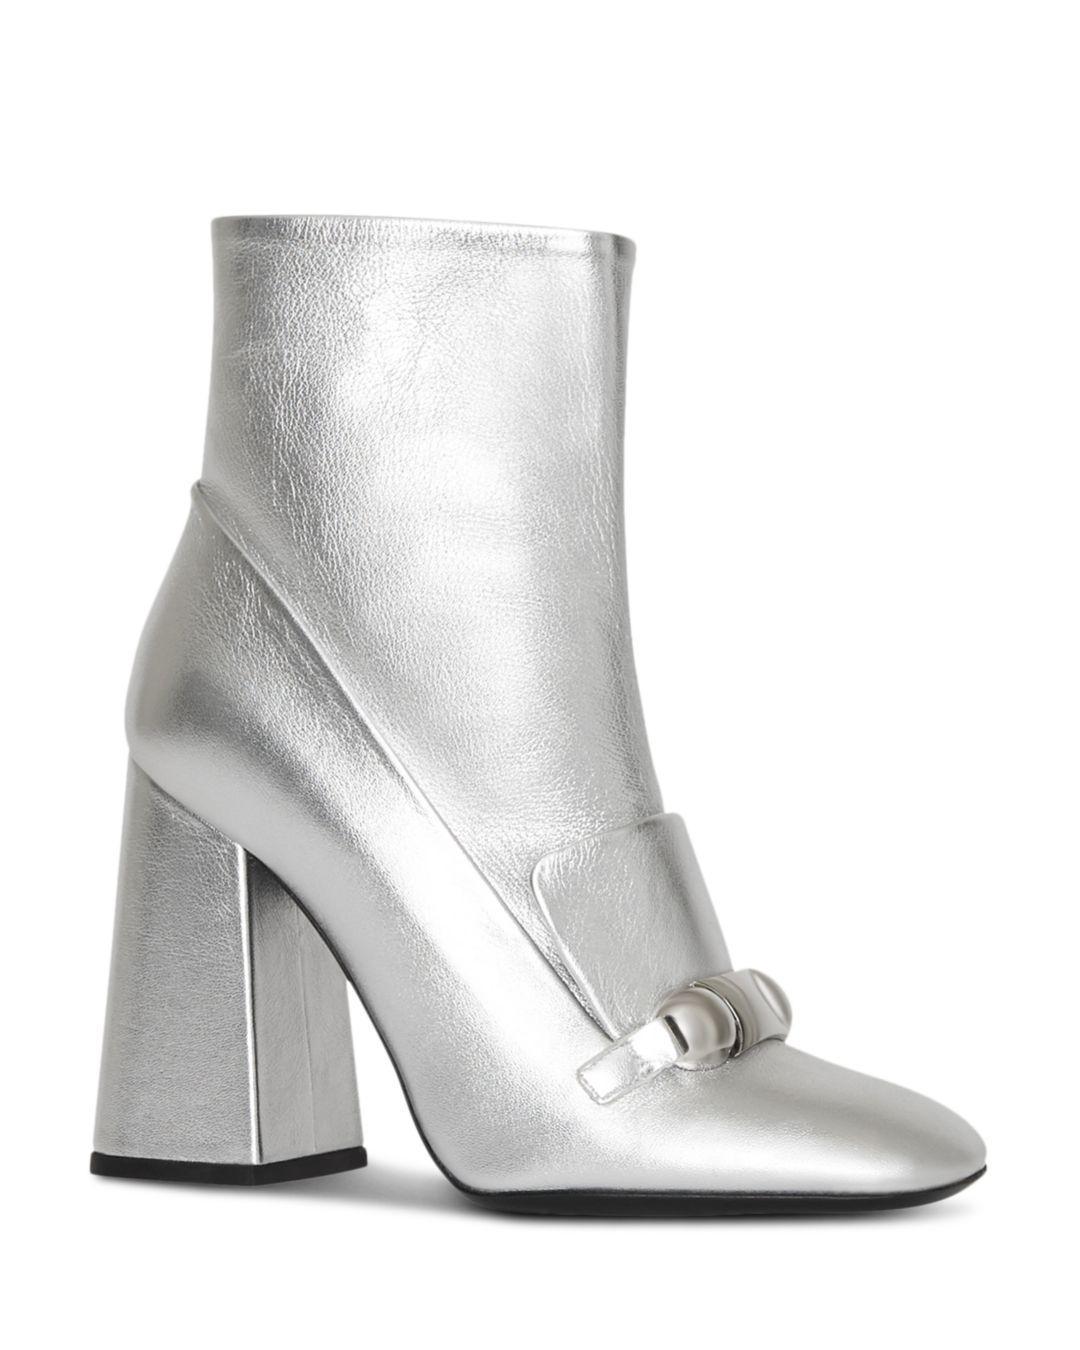 407f0c204ee Lyst - Burberry Brabant Metallic Leather Block Heel Booties in ...